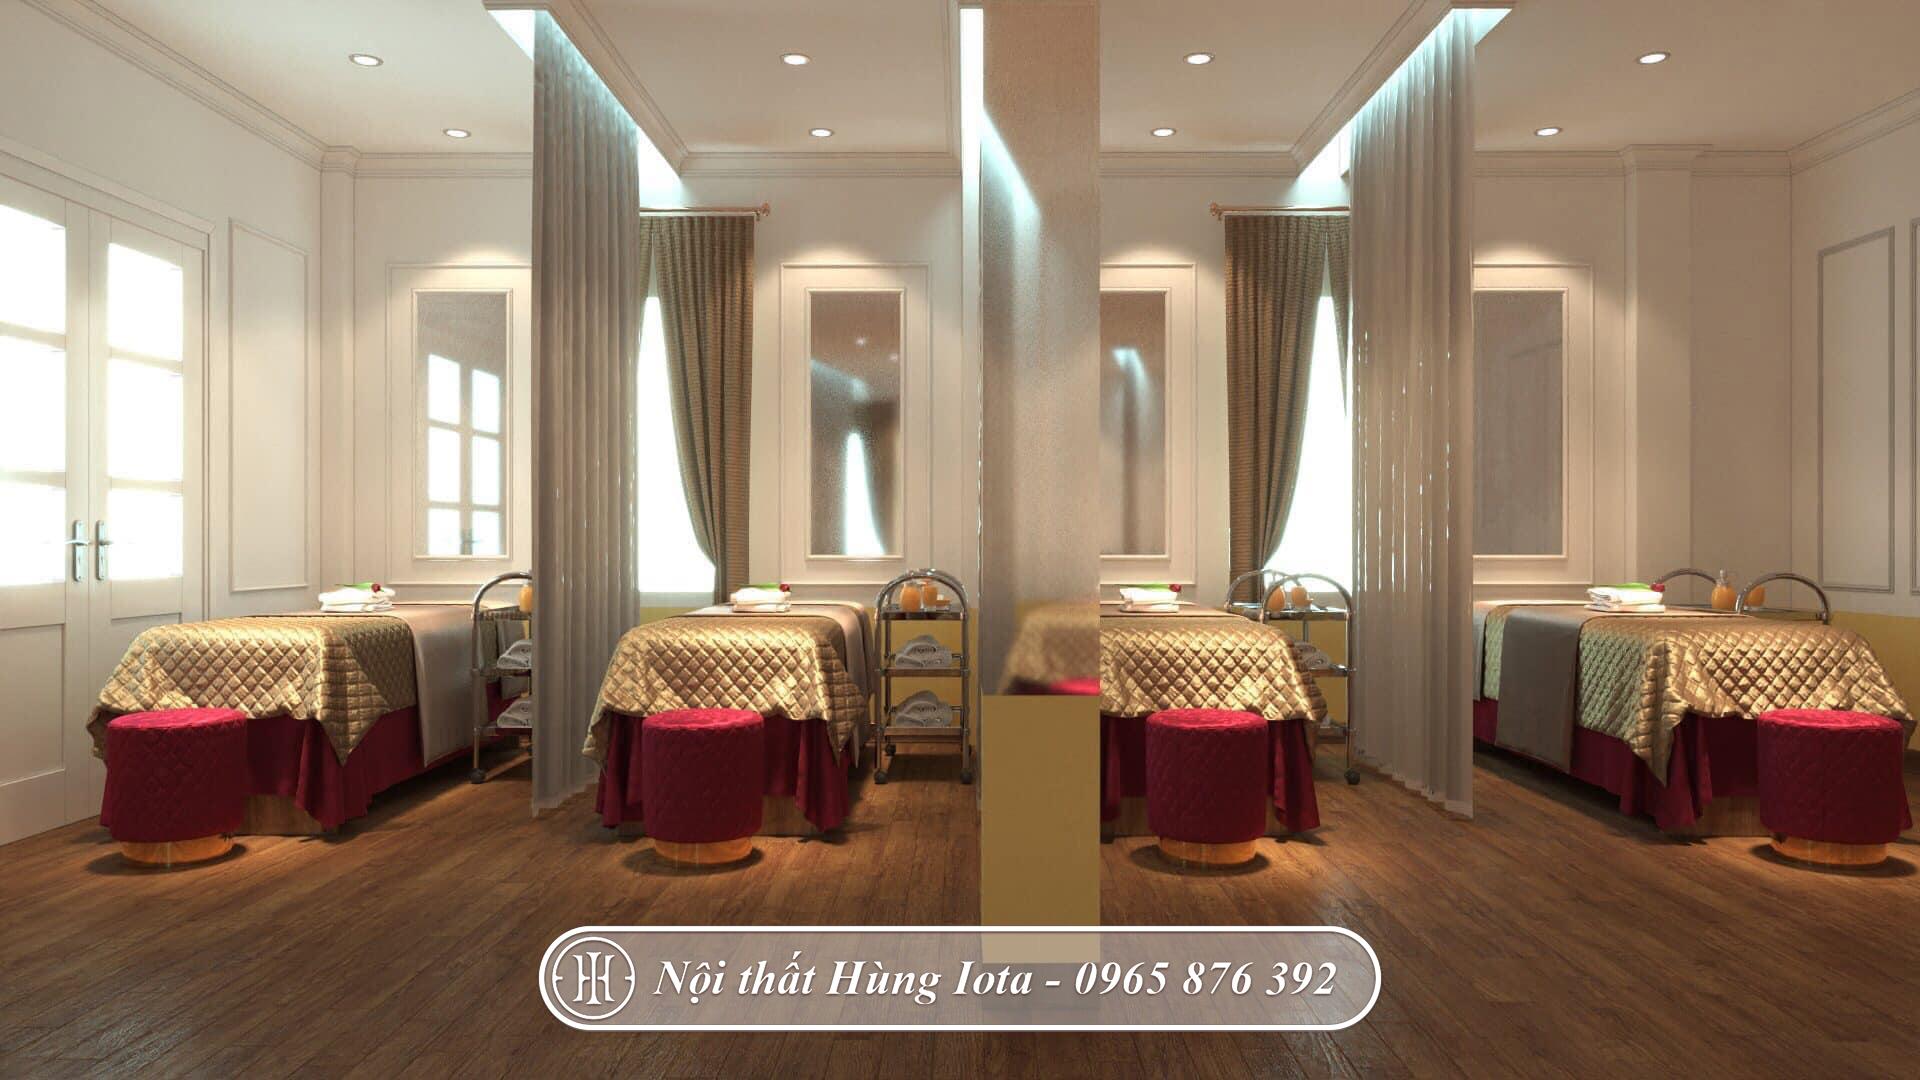 Thiết kế phòng chăm sóc da ở Quảng Ninh phong cách Dome Housse